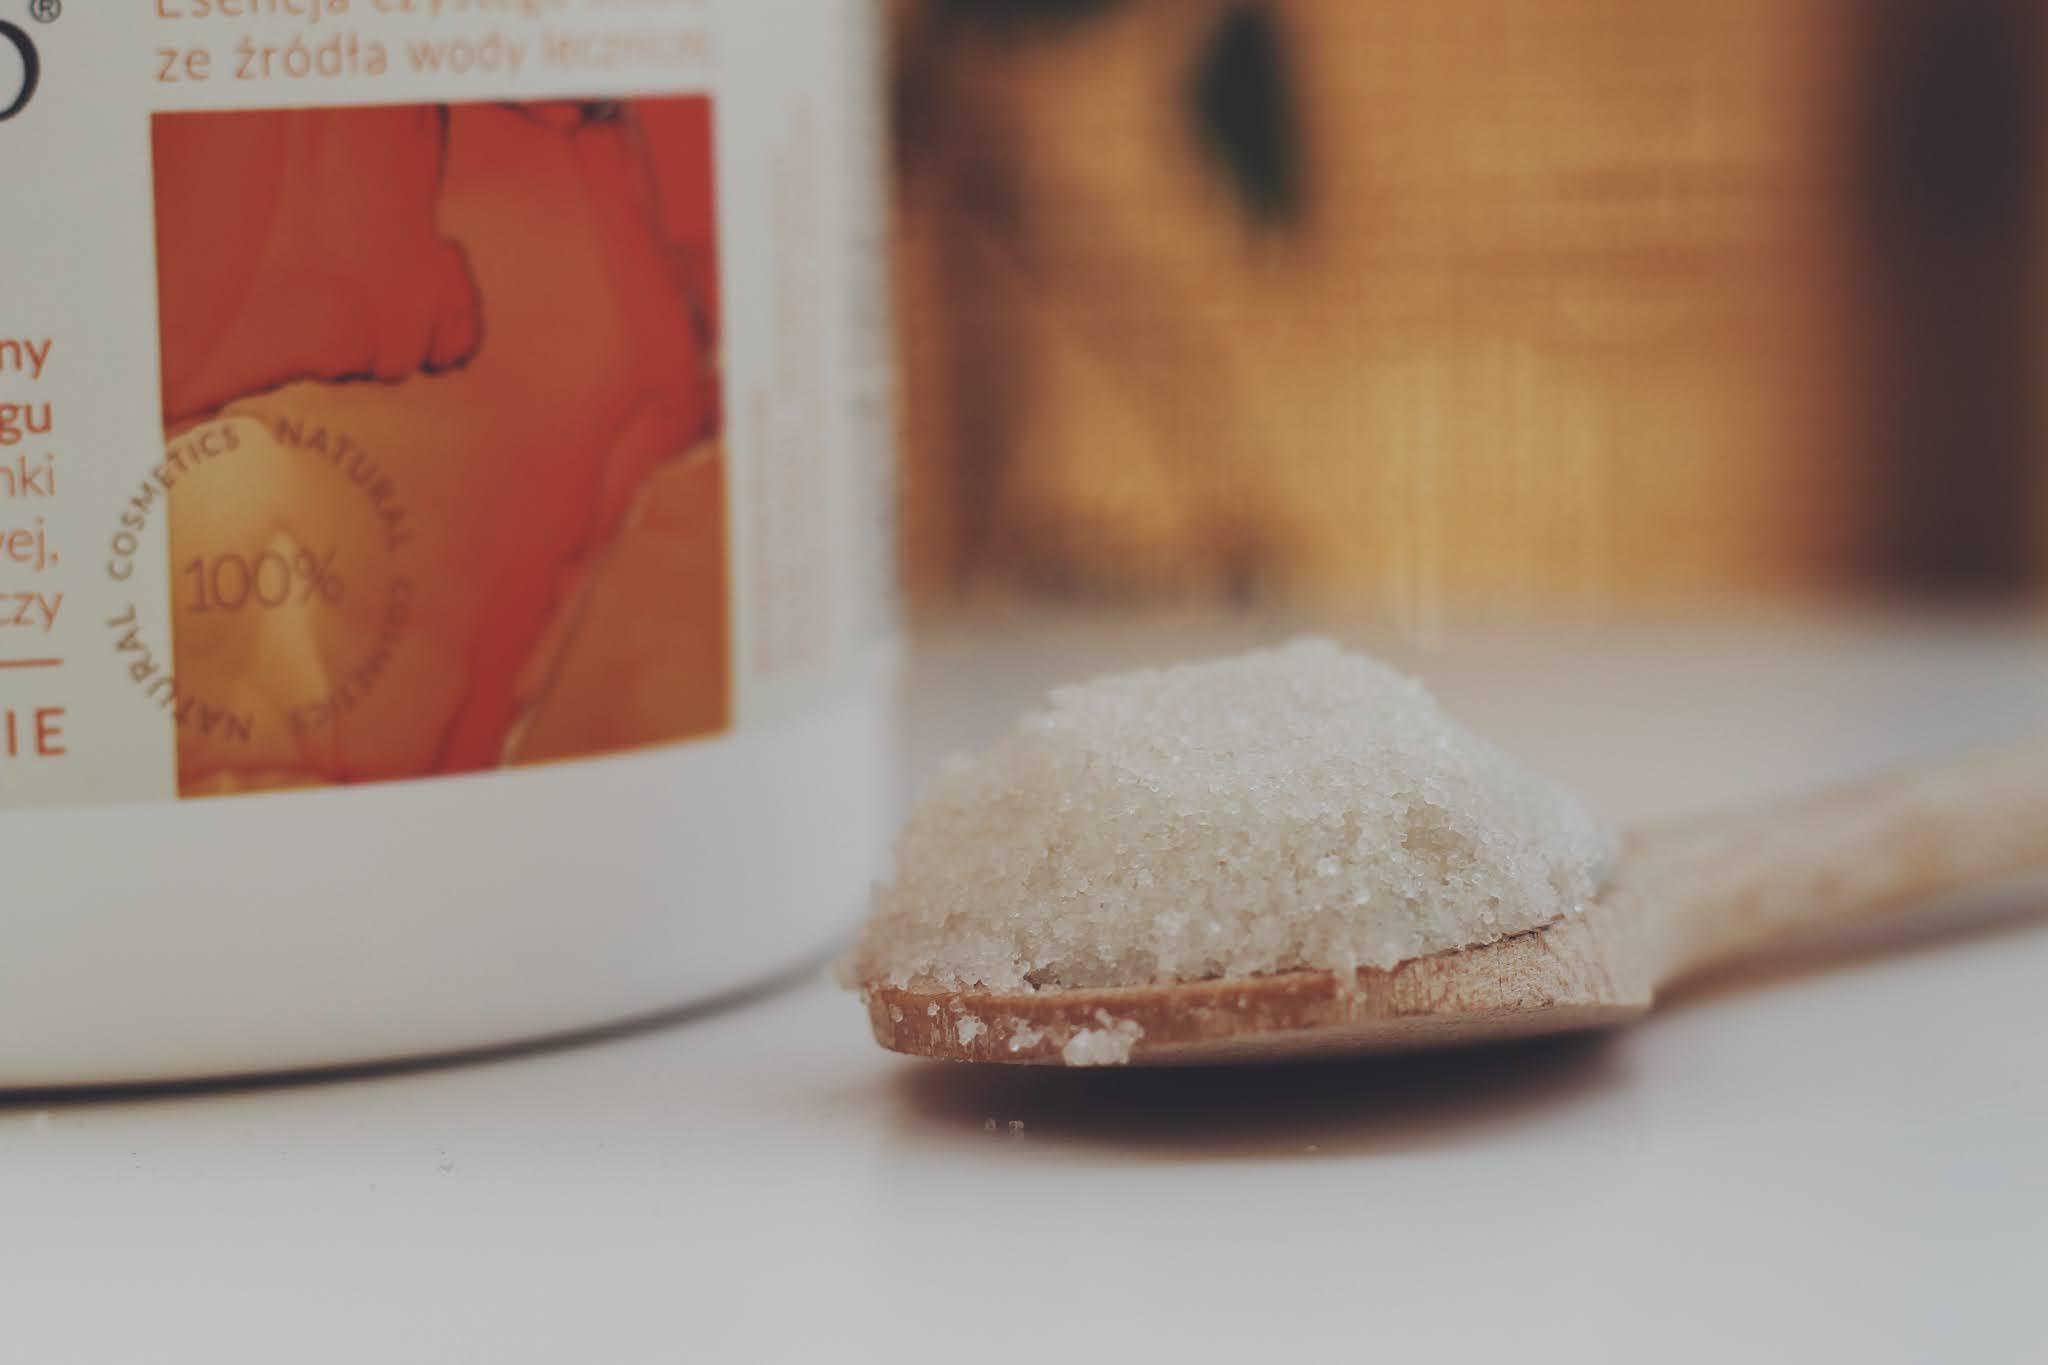 Sól jodowo-bromowa i jej wpływ na samopoczucie oraz kondycję skóry - bogactwo produktów ARMED